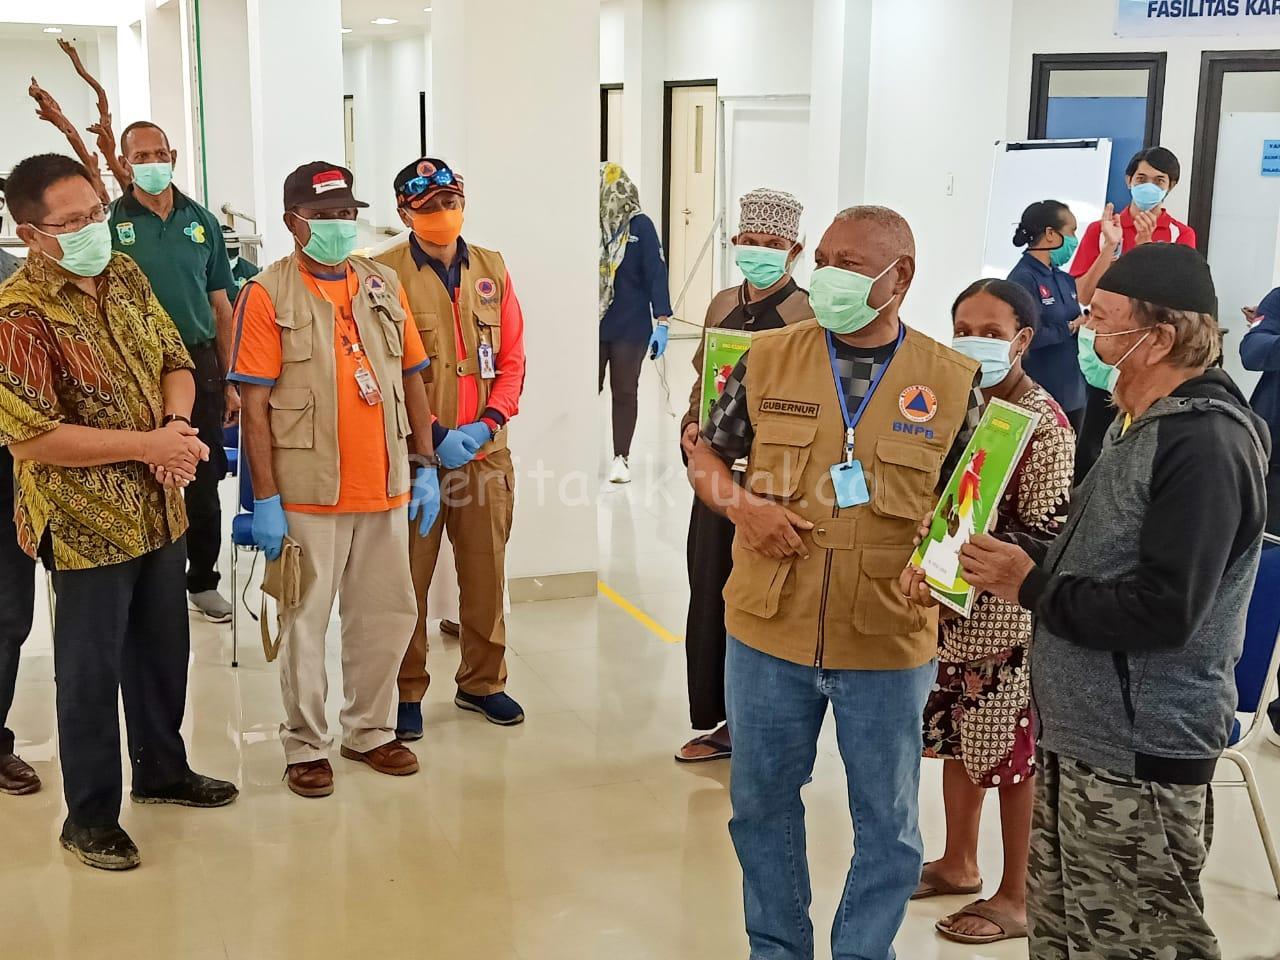 Tiga Pasien Manokwari Sembuh Corona, Gubernur PB: Warga Jangan Tolak Mereka 18 IMG 20200516 WA0035